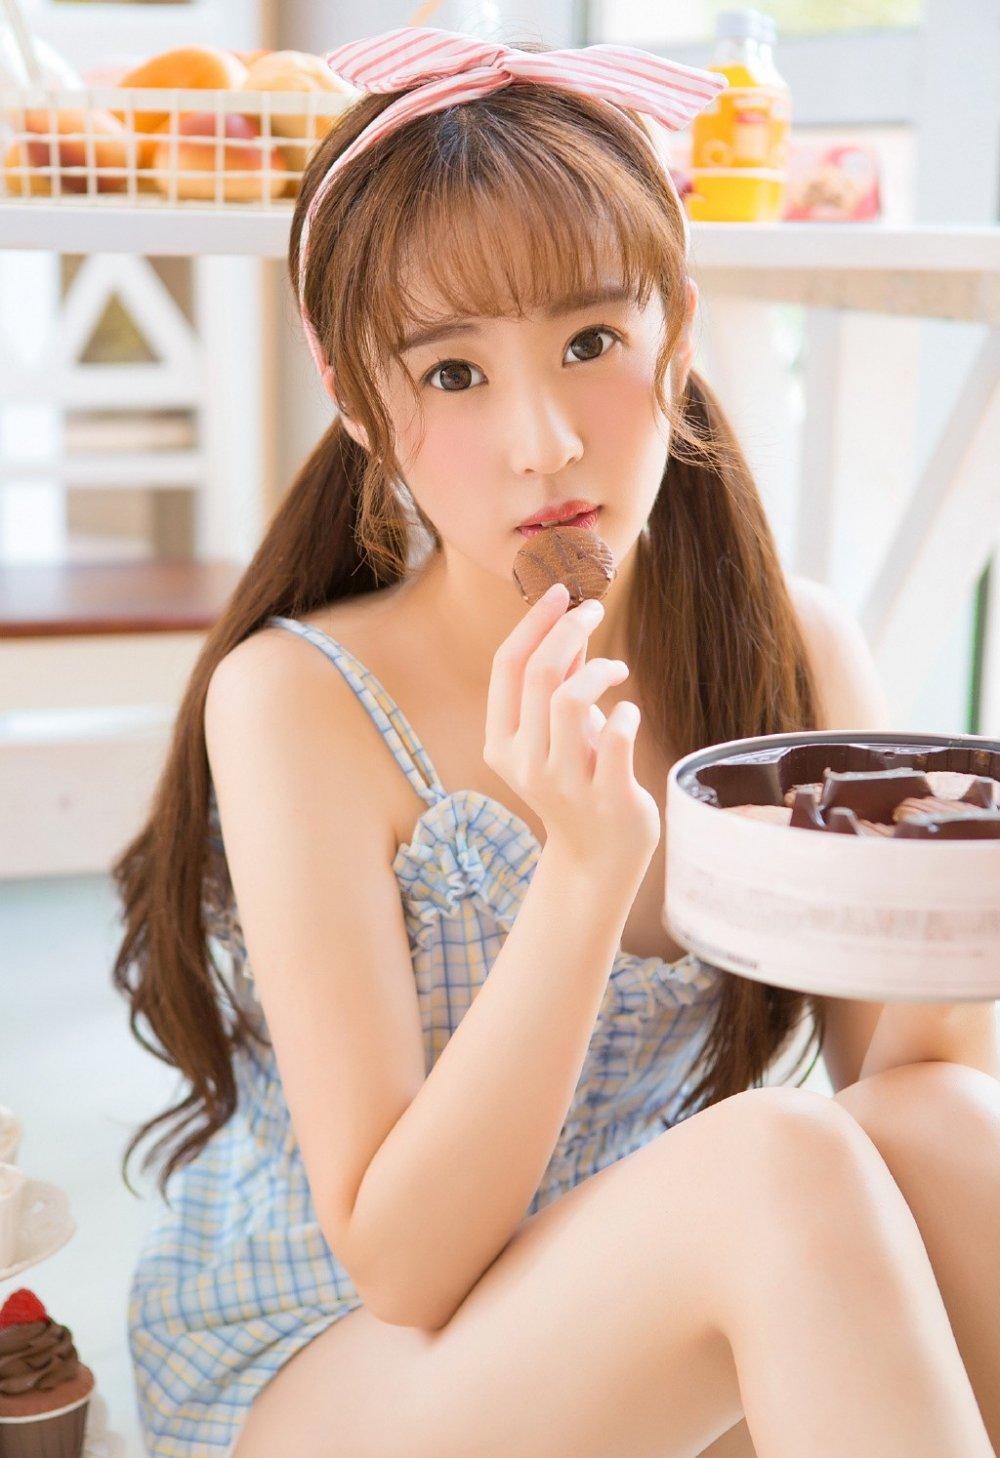 可爱少女甜美意境吃早餐写真集